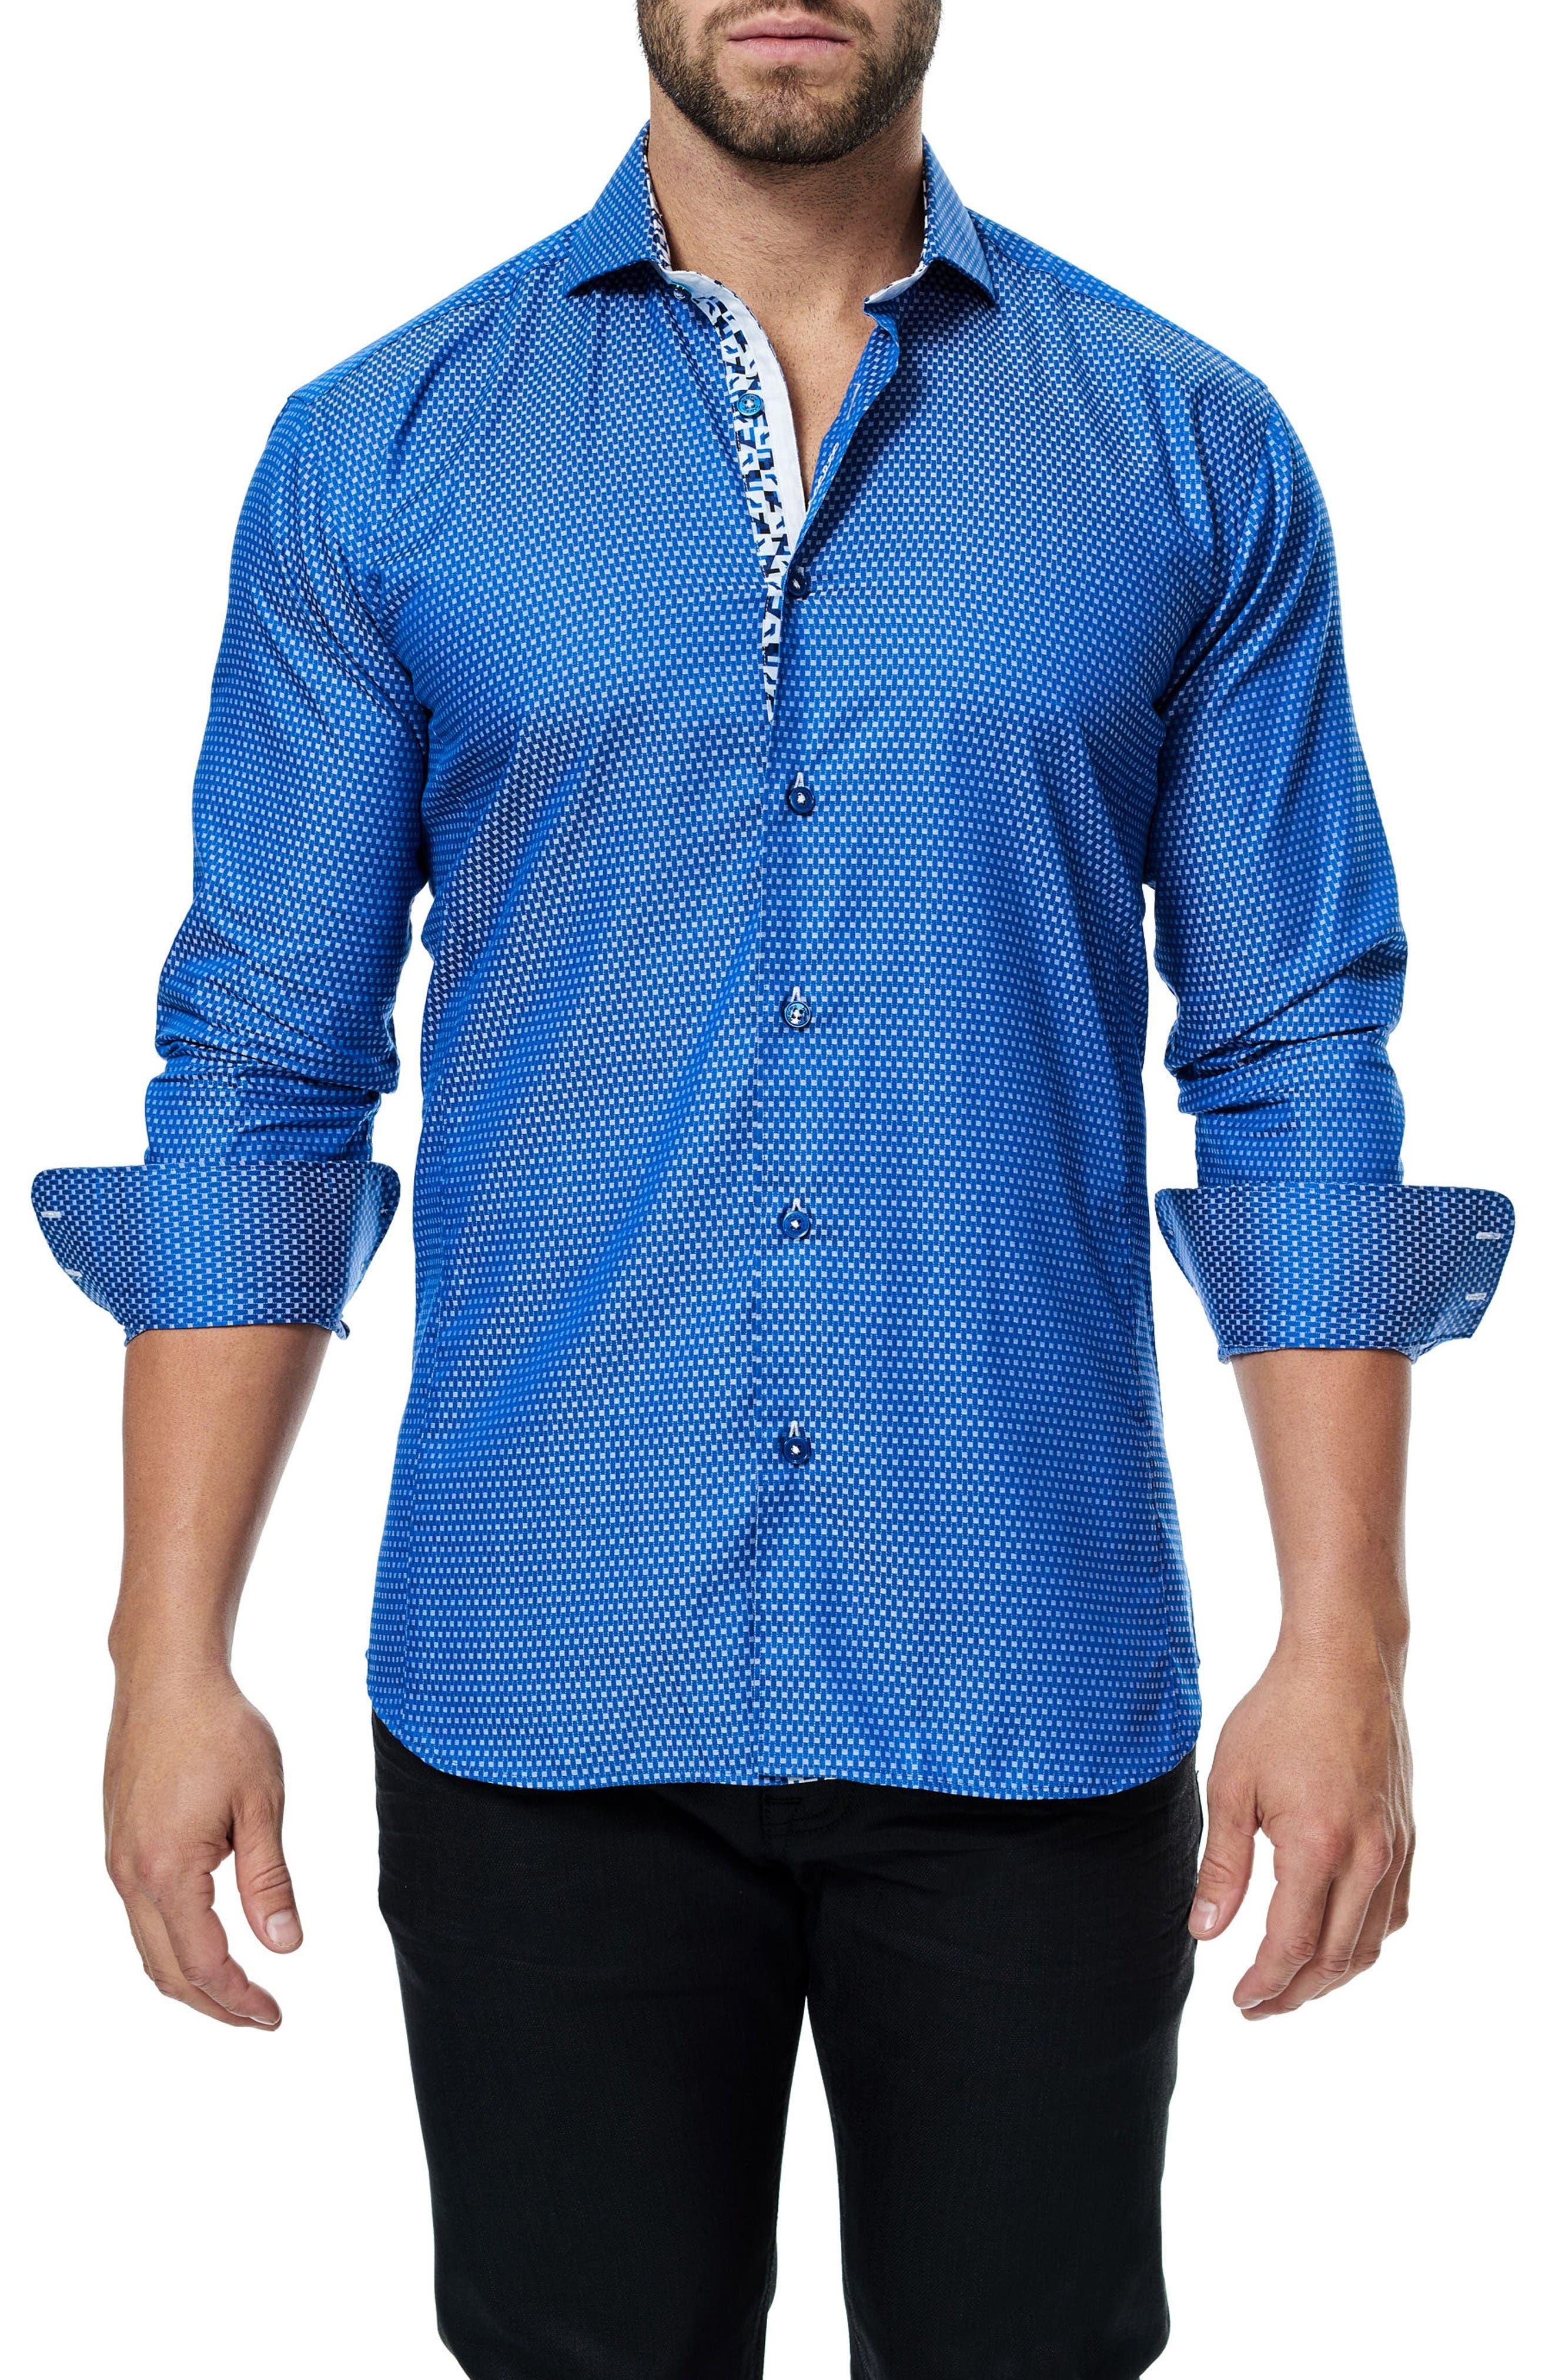 Maceoo Wall Street Jacquard Sport Shirt